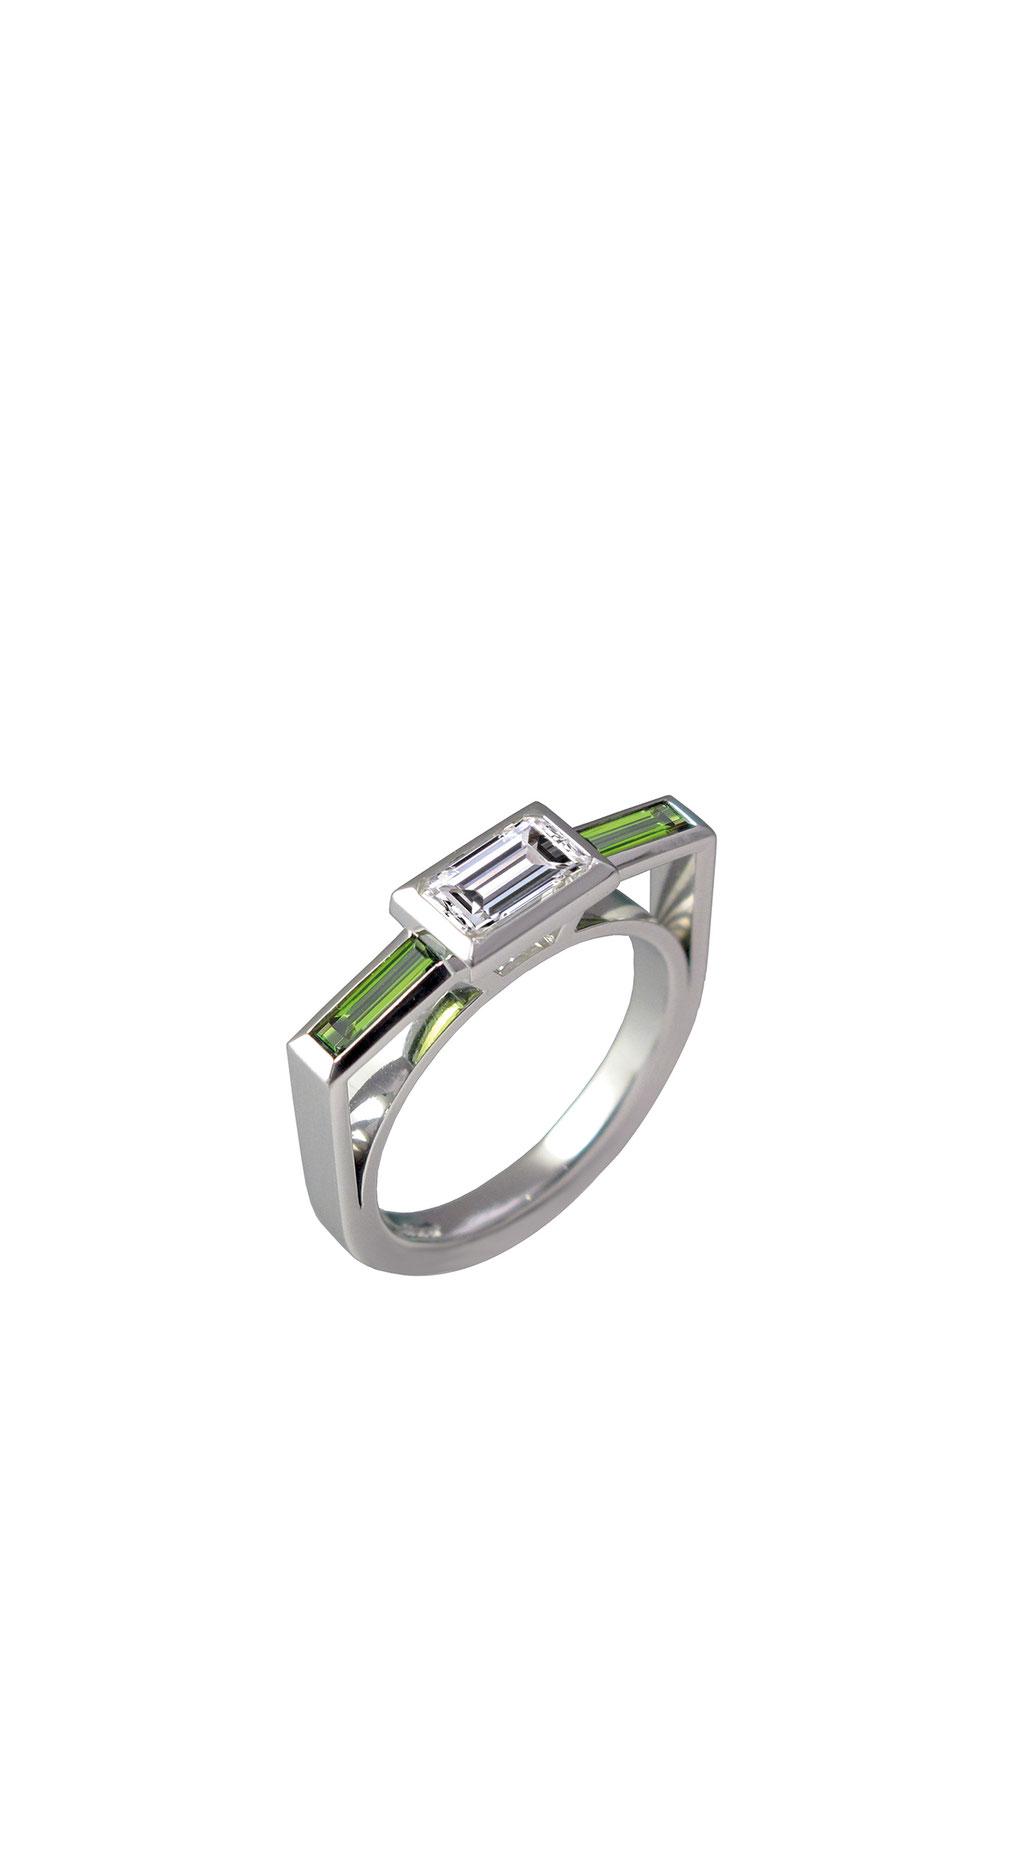 Diamantring, 1,03 carat Diamant im Emeraldschliff J/si, Turmalinbaguette 0,45 carat, 5.890 Euro